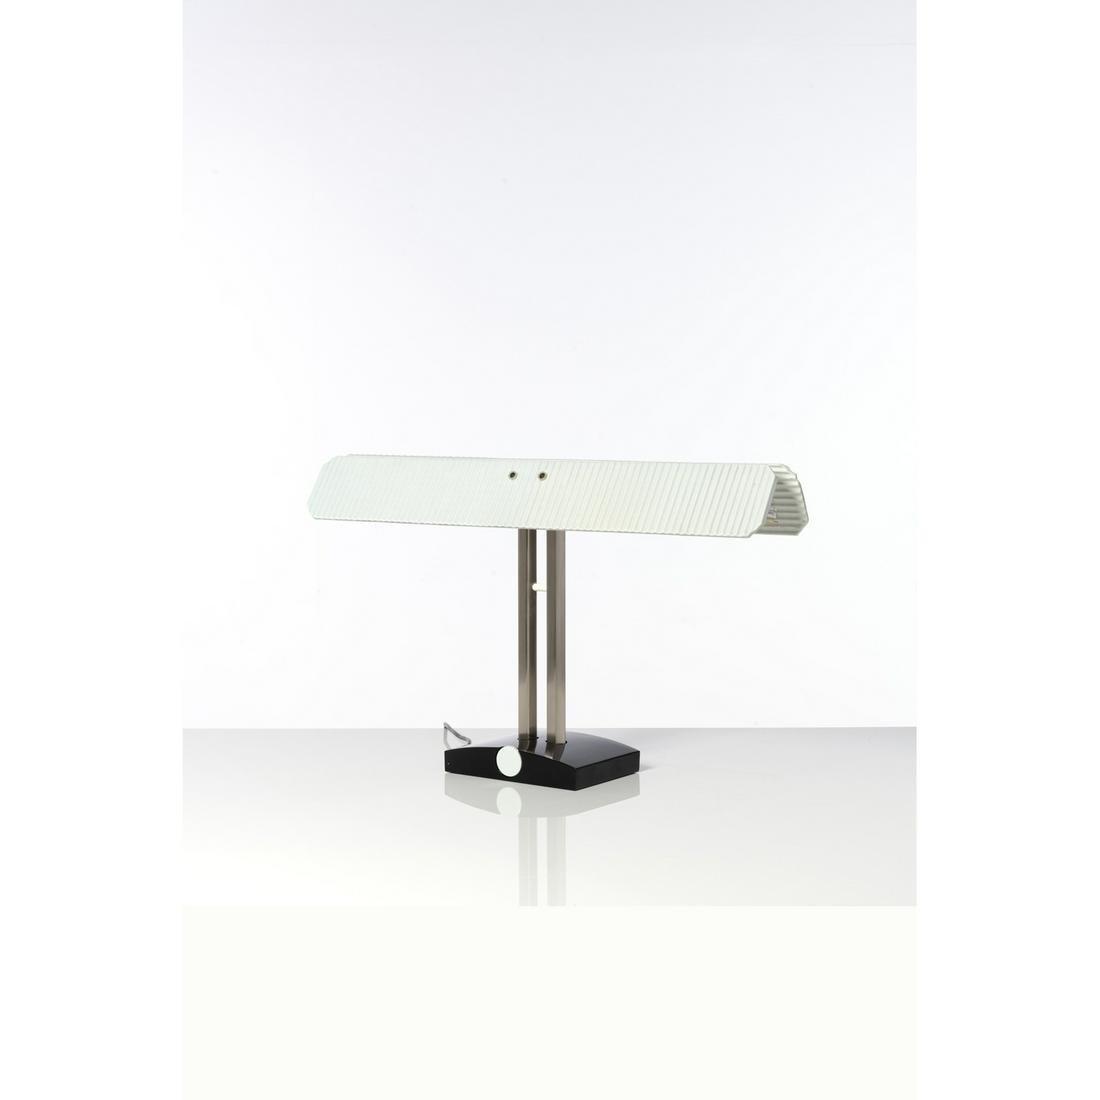 Tobia Scarpa (born 1935) Capalonga Table lamp Lacquered